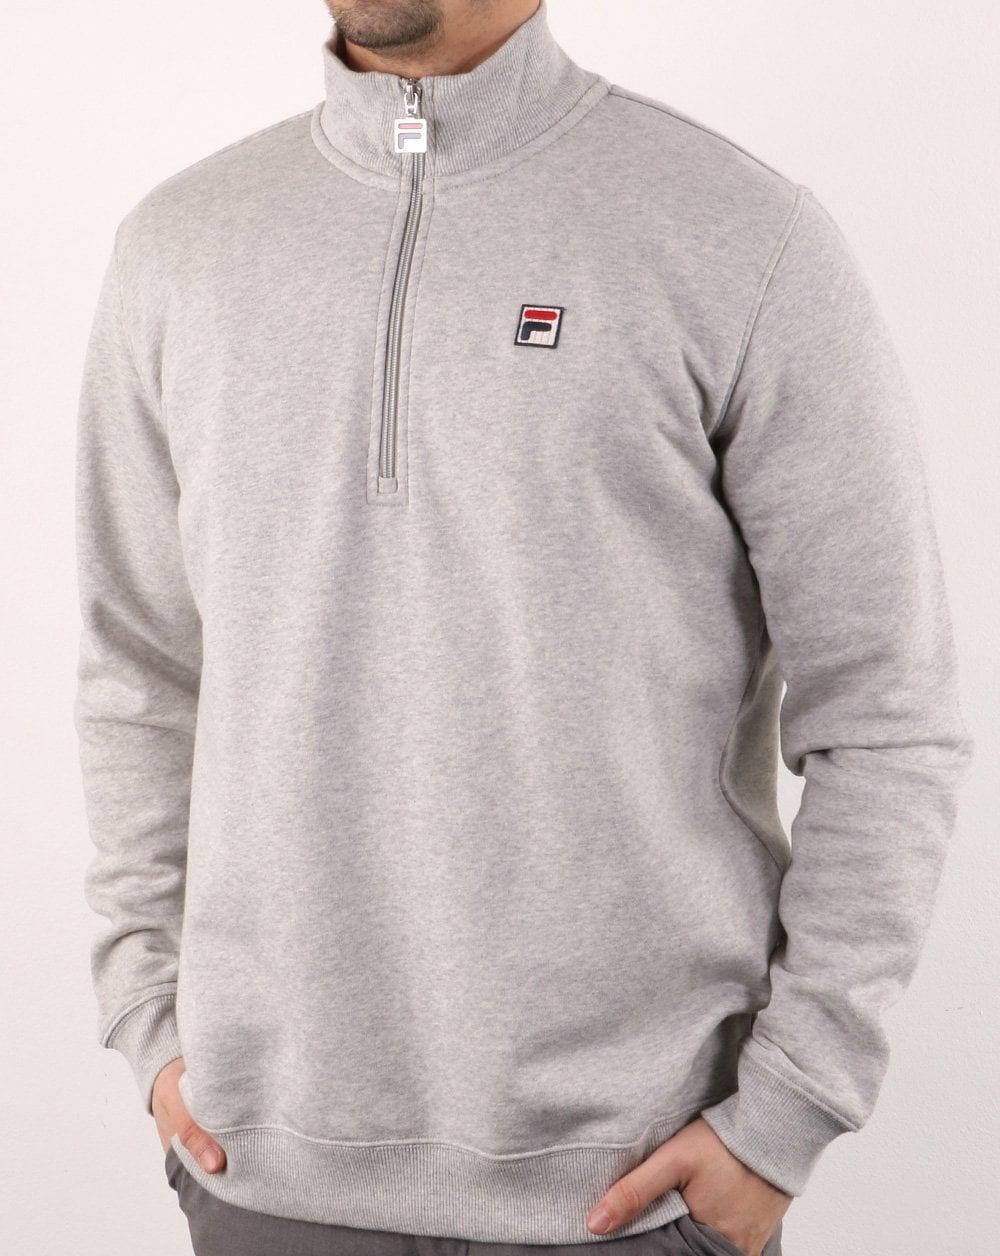 cf99af746847 Fila Vintage Palermo Half Zip Sweatshirt Grey   80s casual classics